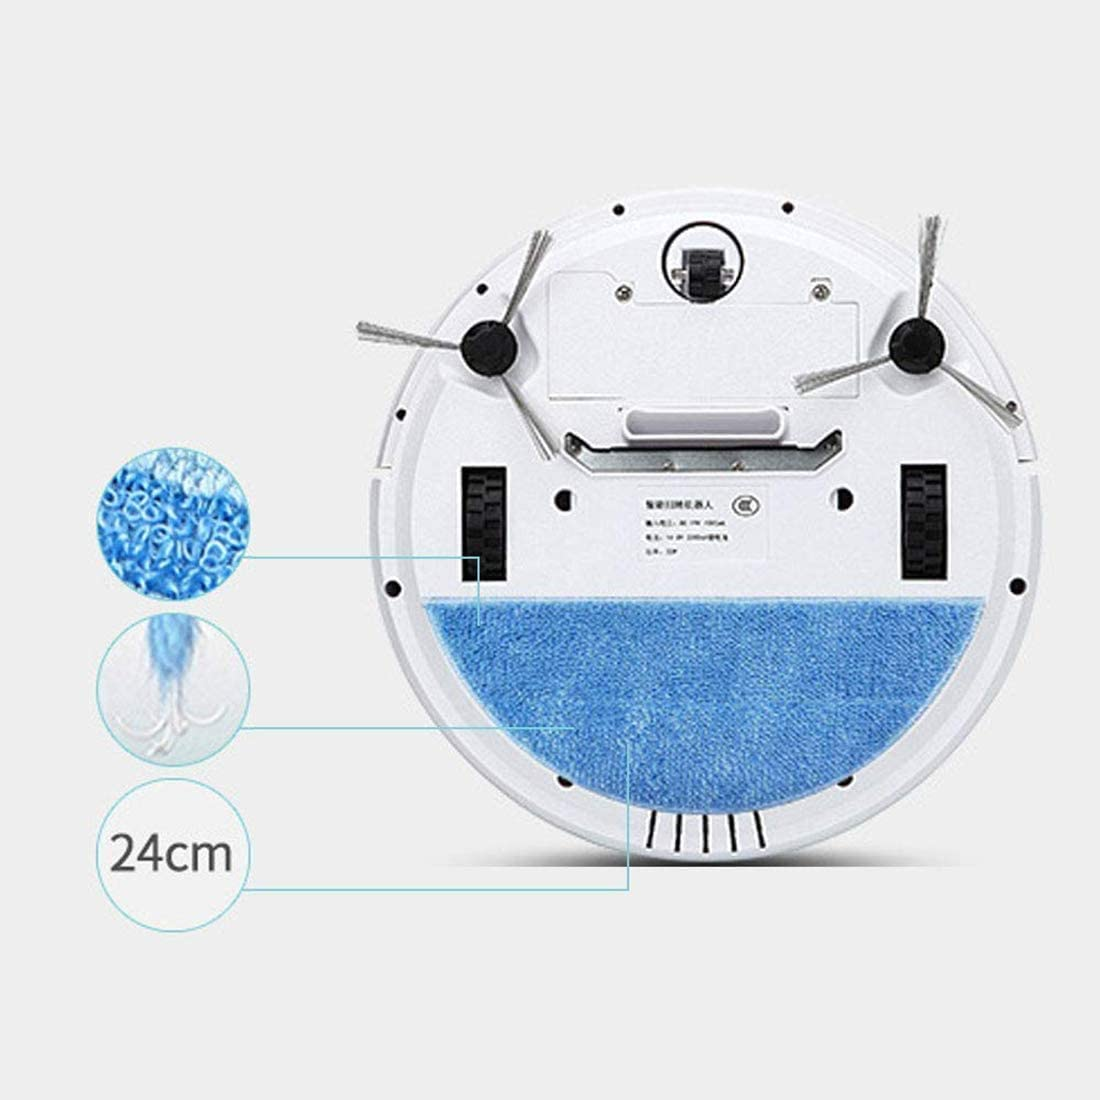 UPANV Filtre Télécommandé pour Robot Aspirateur Et Puissant Filtre À Franges pour Surfaces De Sols Durs, Poils d\'animaux, Design Super Silencieux, 4 Couleurs,Bleu Blue